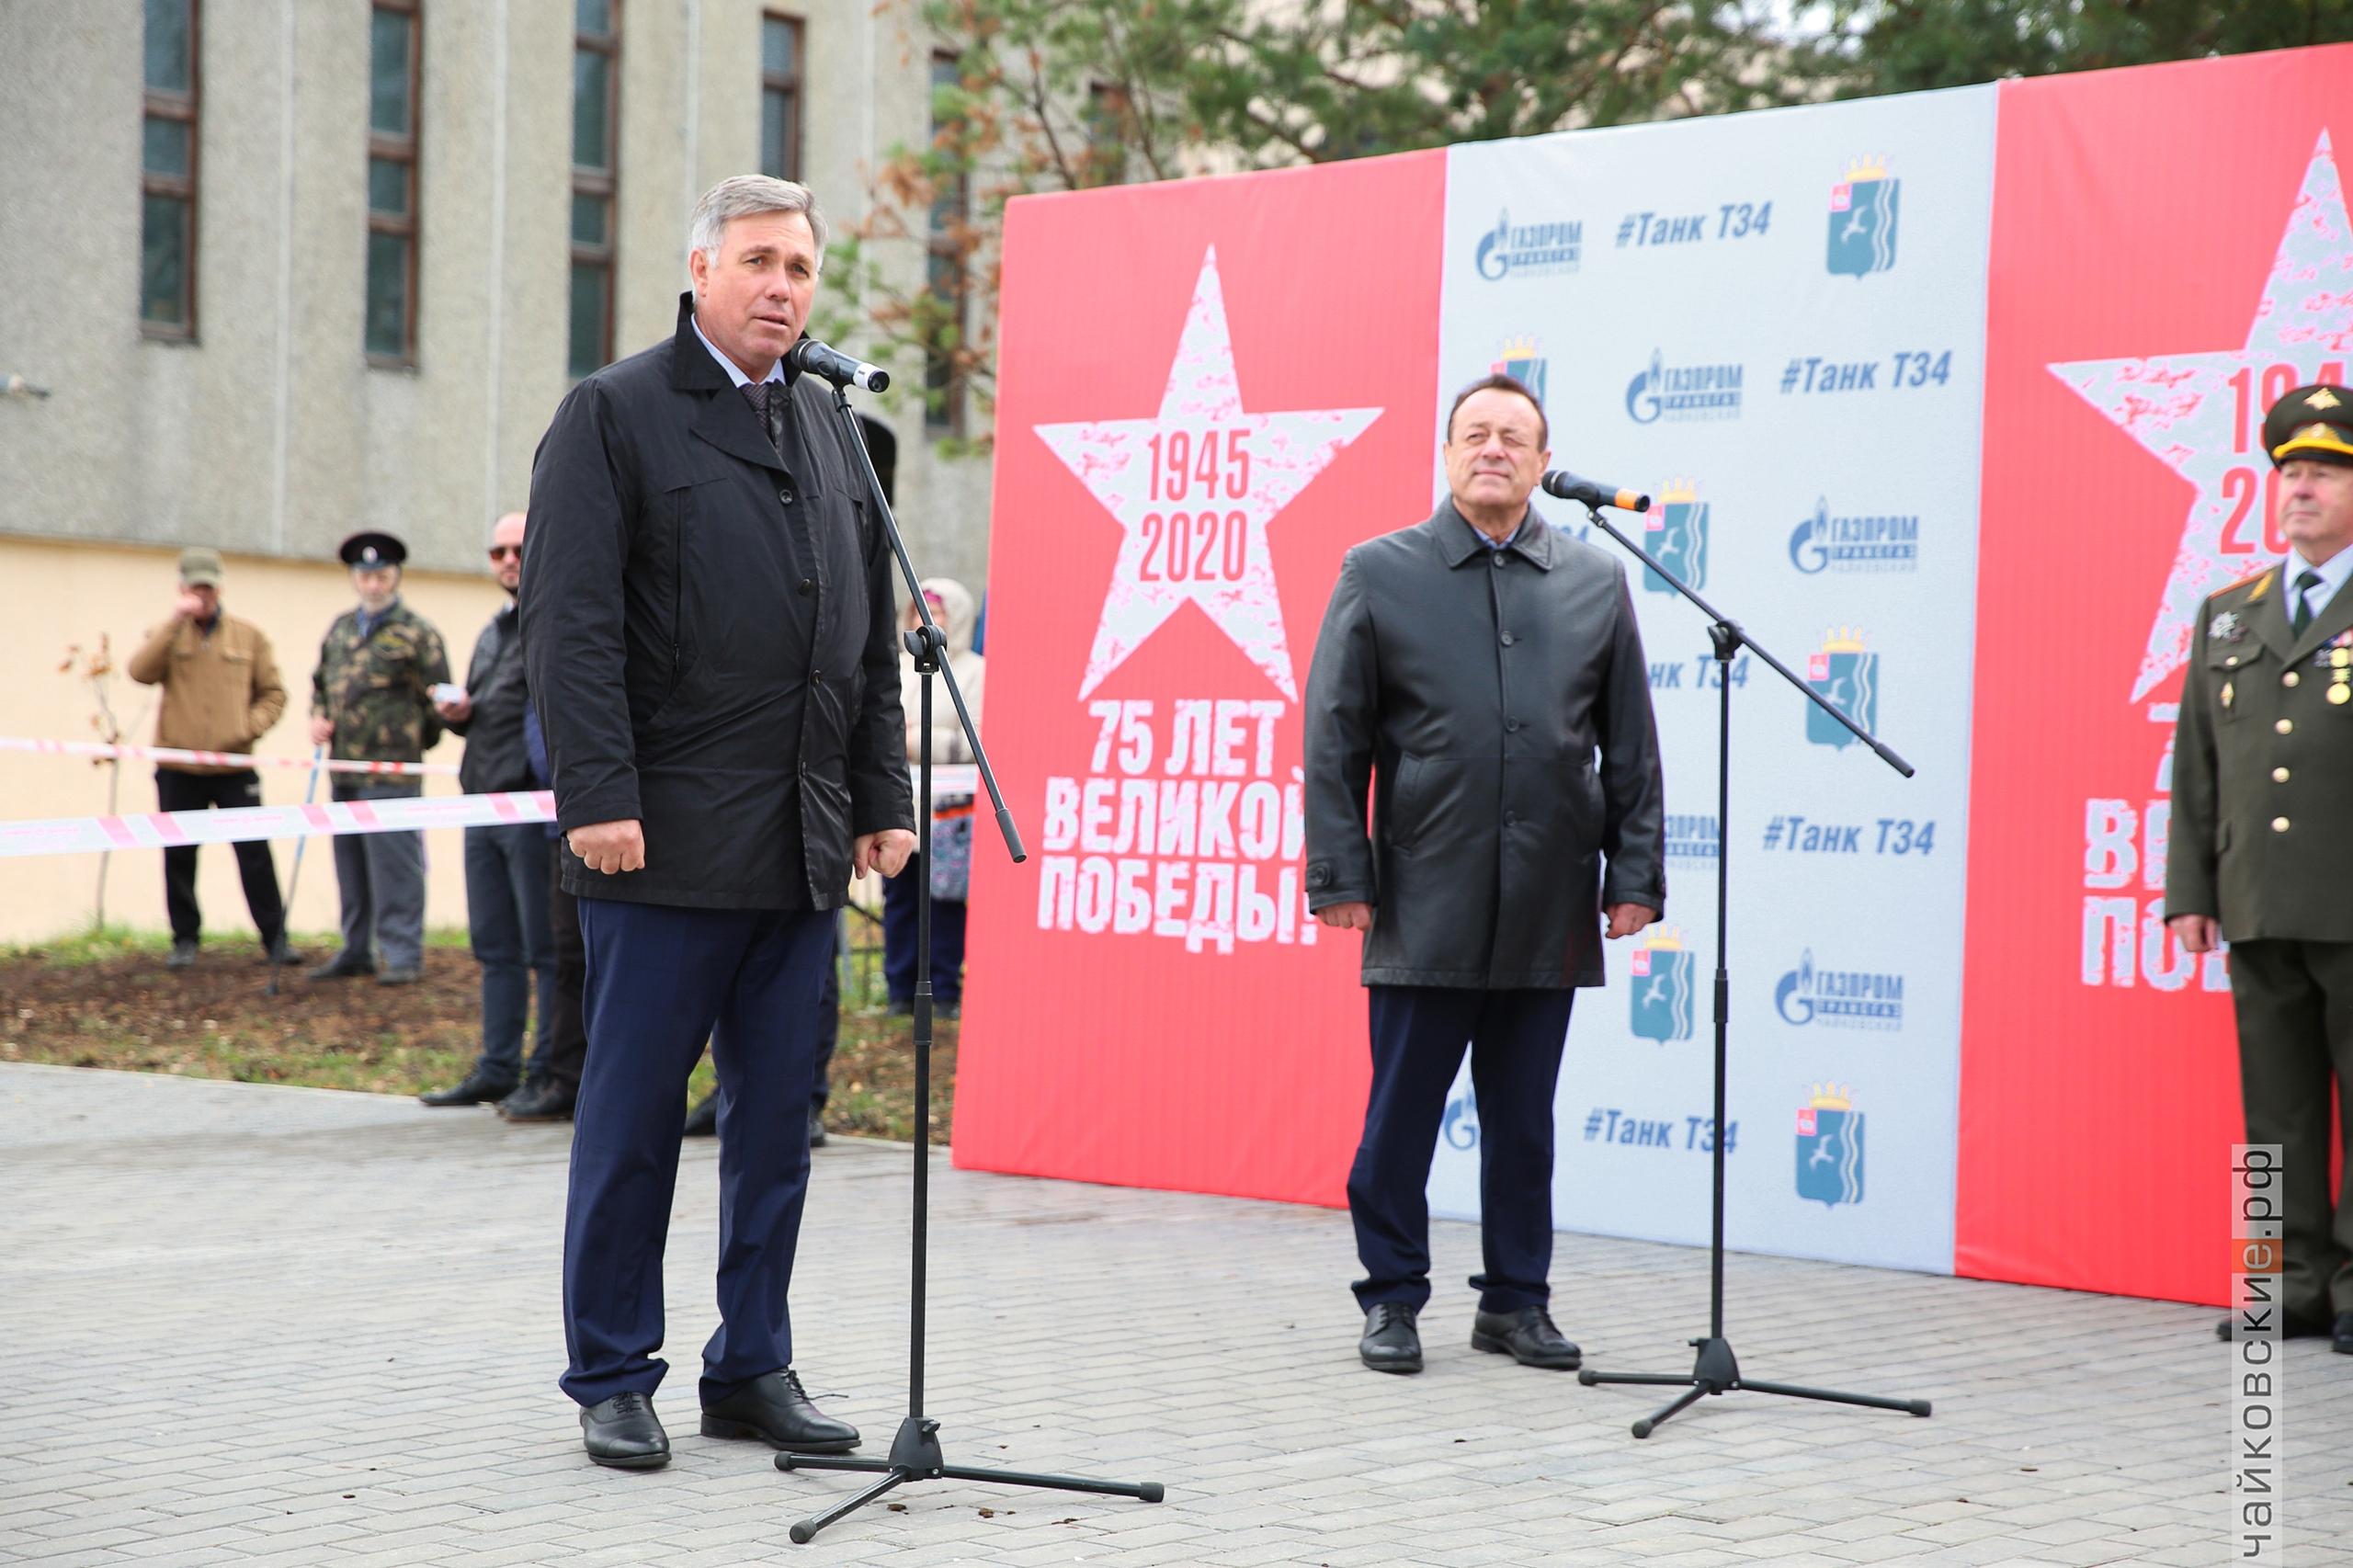 танк т-34, чайковский район, 2020 год